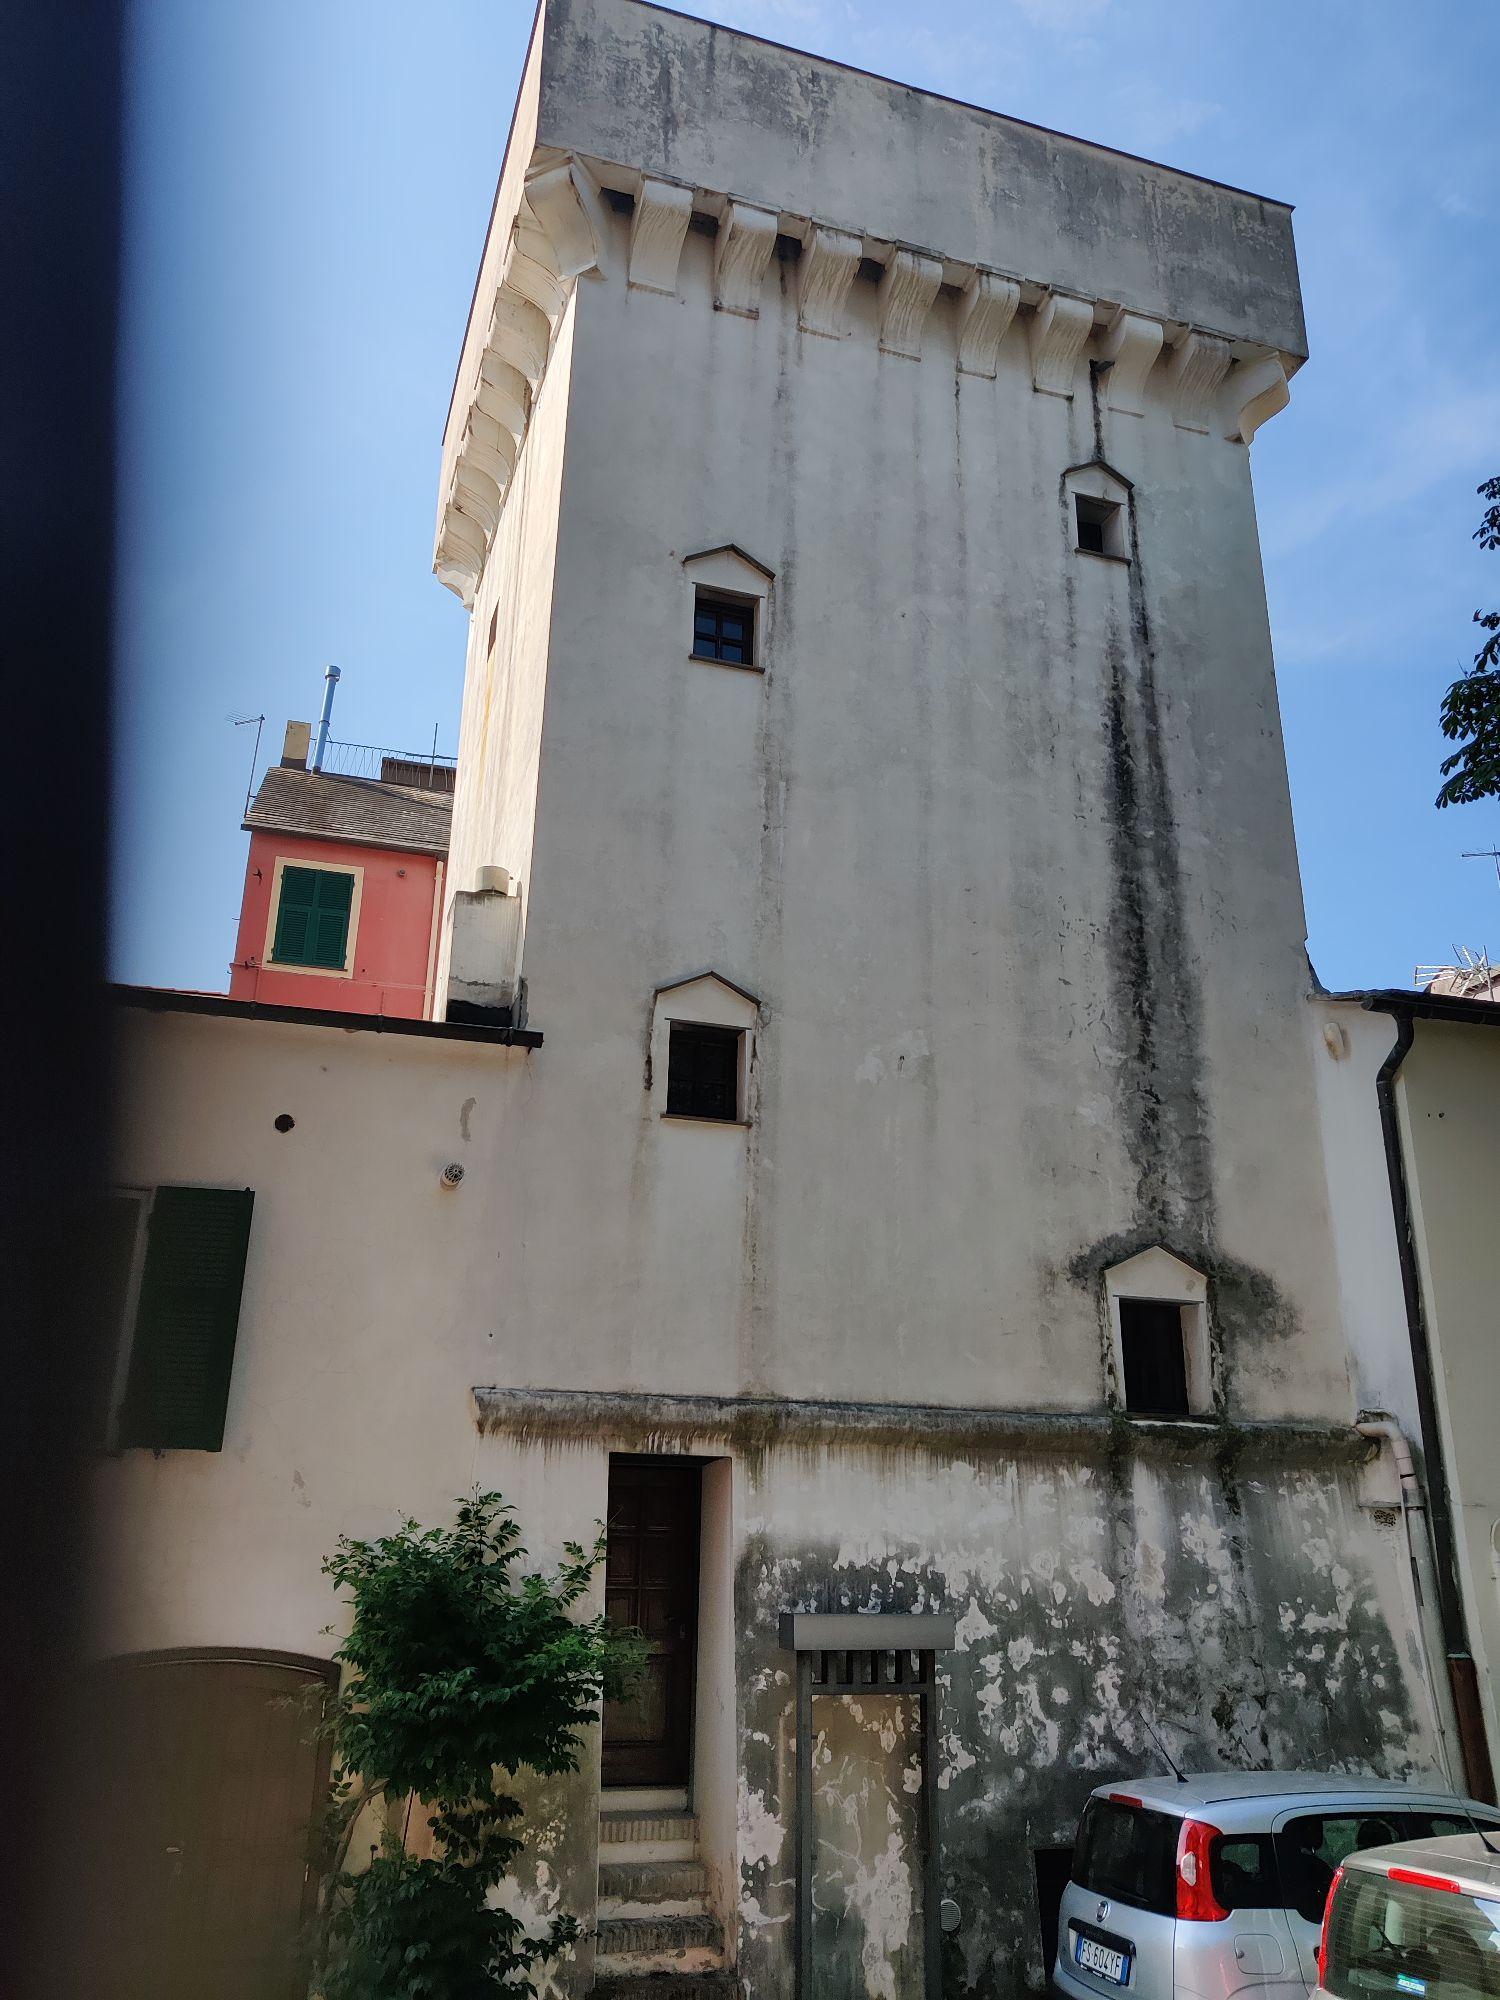 Около почты одна из древних городских башен, приспособленных для жилья.